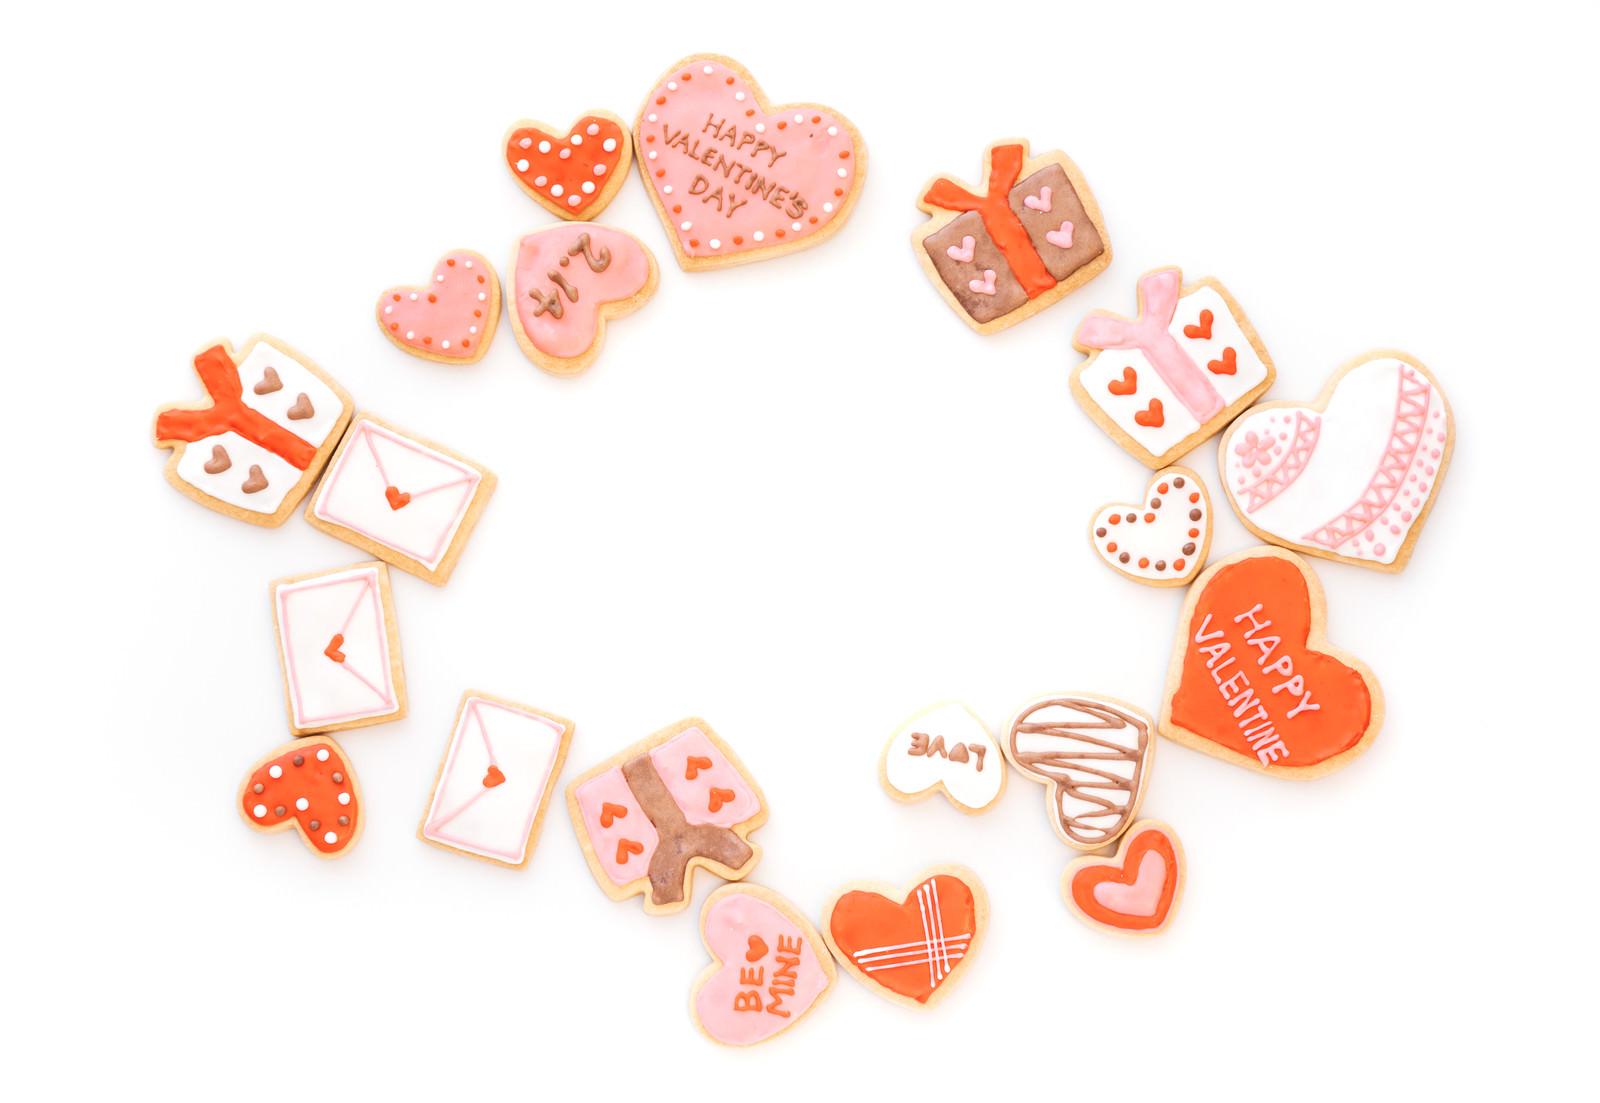 「バレンタインに使えるハート型クッキーバレンタインに使えるハート型クッキー」のフリー写真素材を拡大